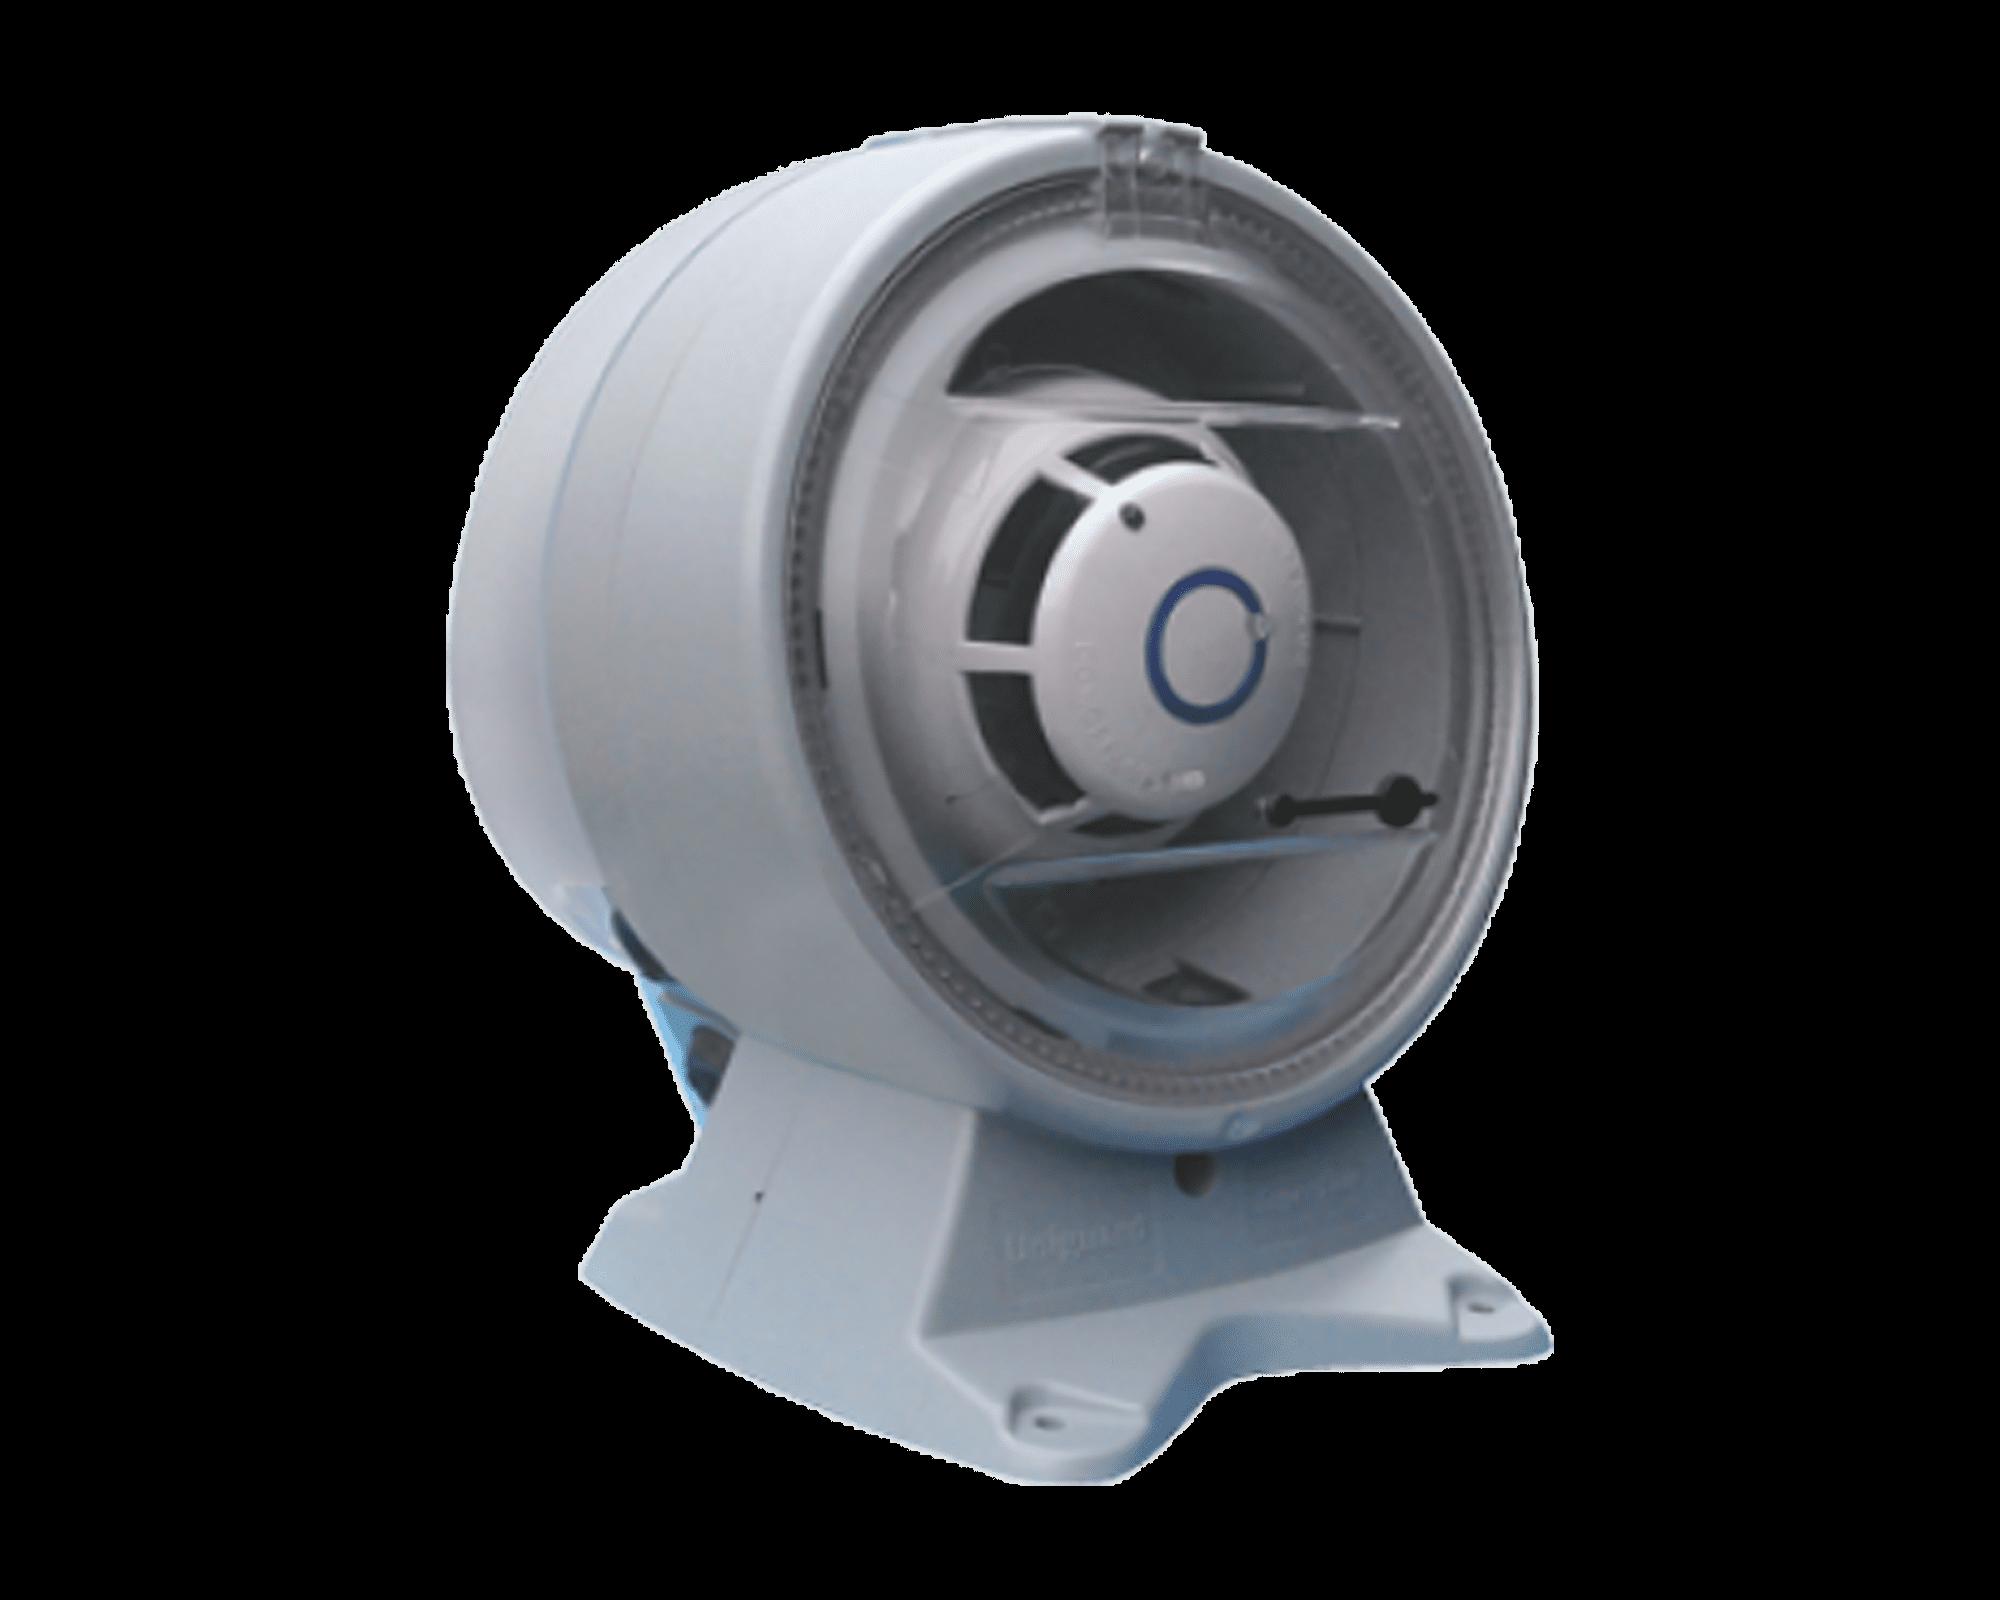 6000PLUS-UG4DP-Duct-probe